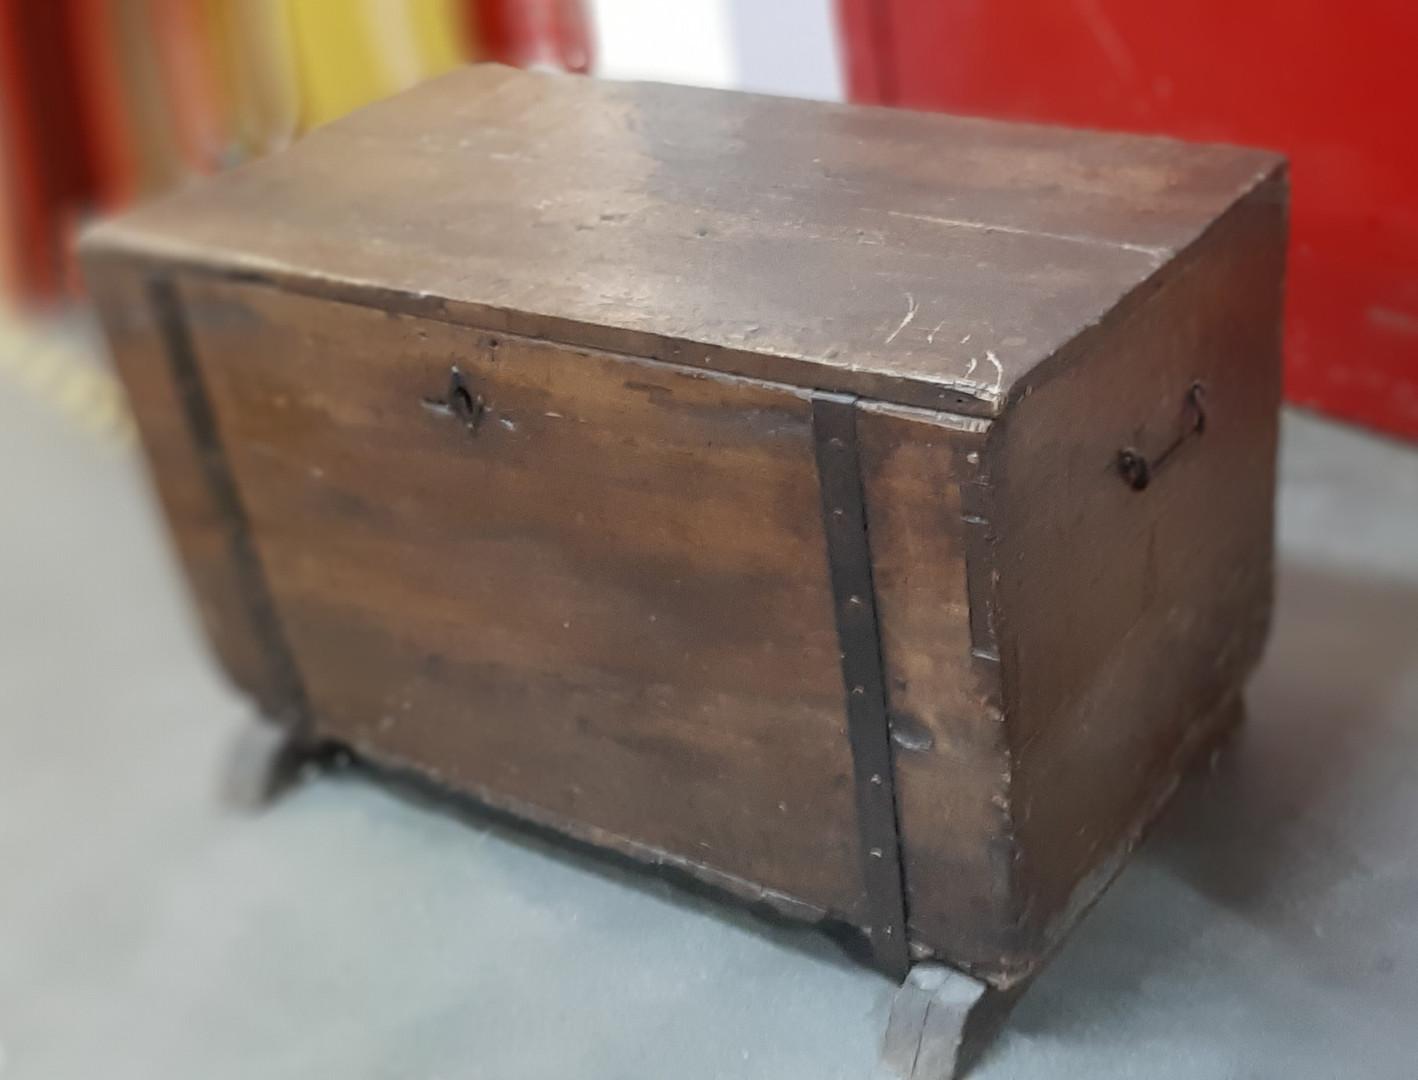 Coffre en bois rustique  h : 52 cm l : 84 cm p : 50 cm  Prix : 30 eurs  Plus d'infos: